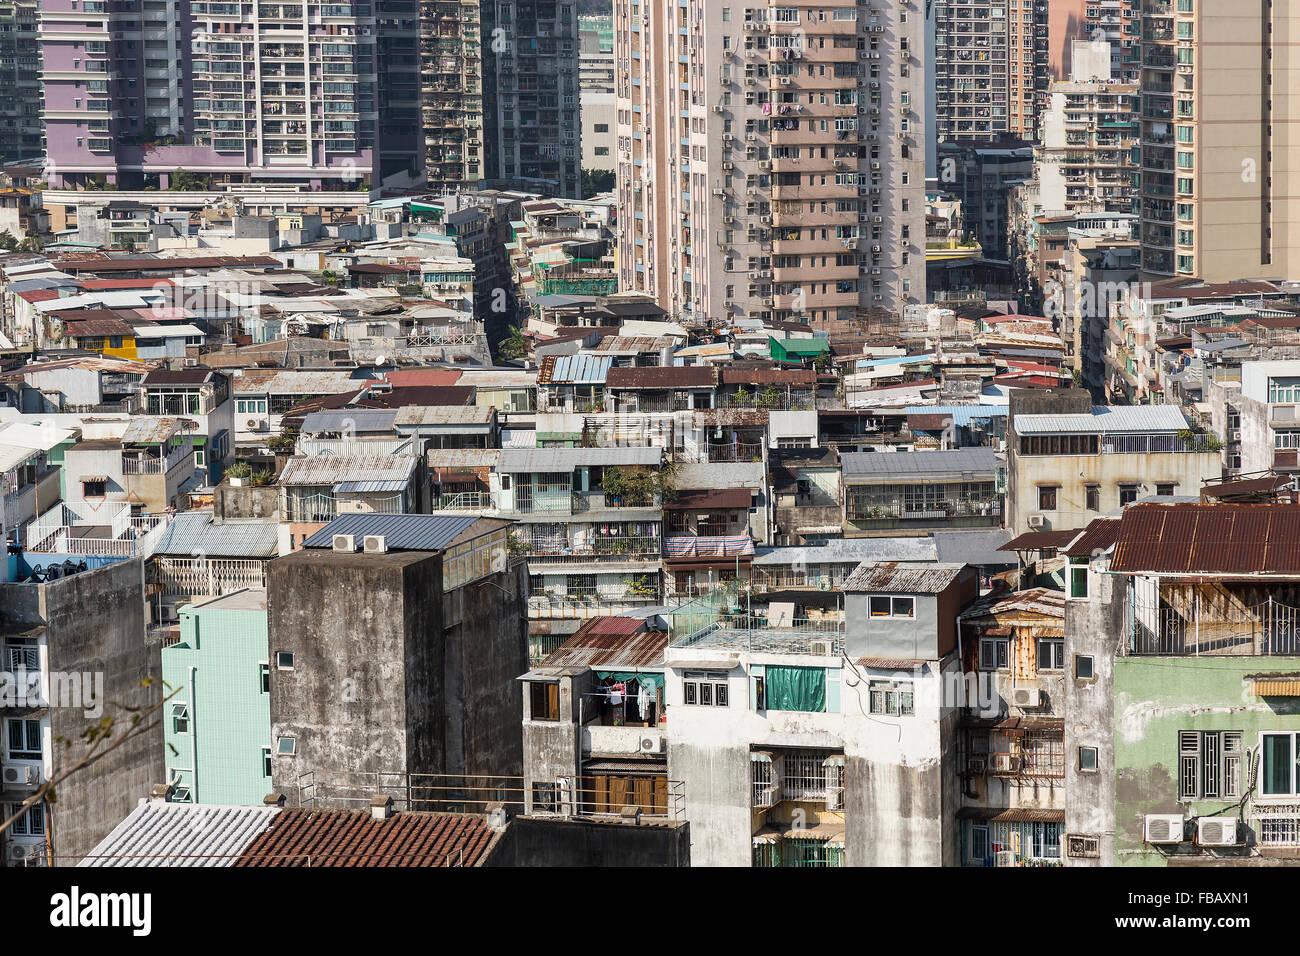 Architecture de Macao, Chine. Photo Stock